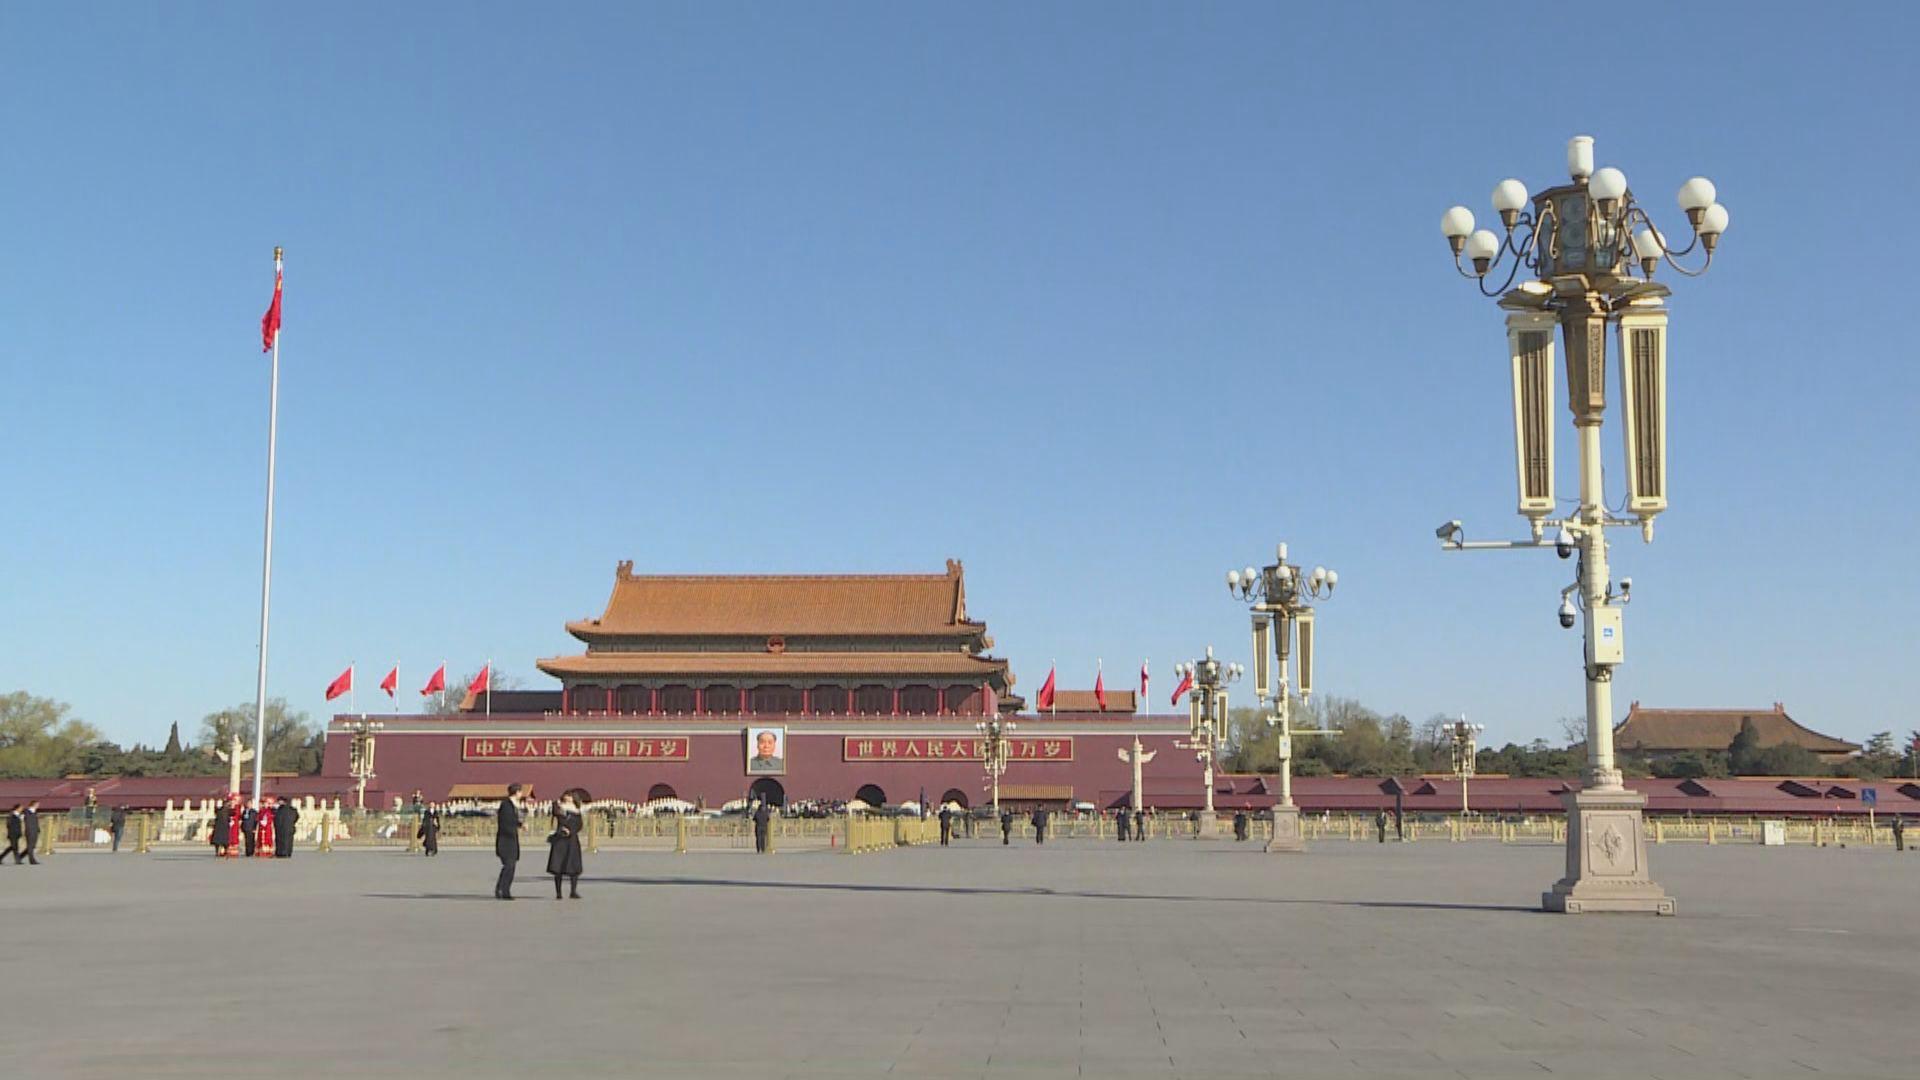 日傳媒指華派軍方負責人解釋國防白皮書